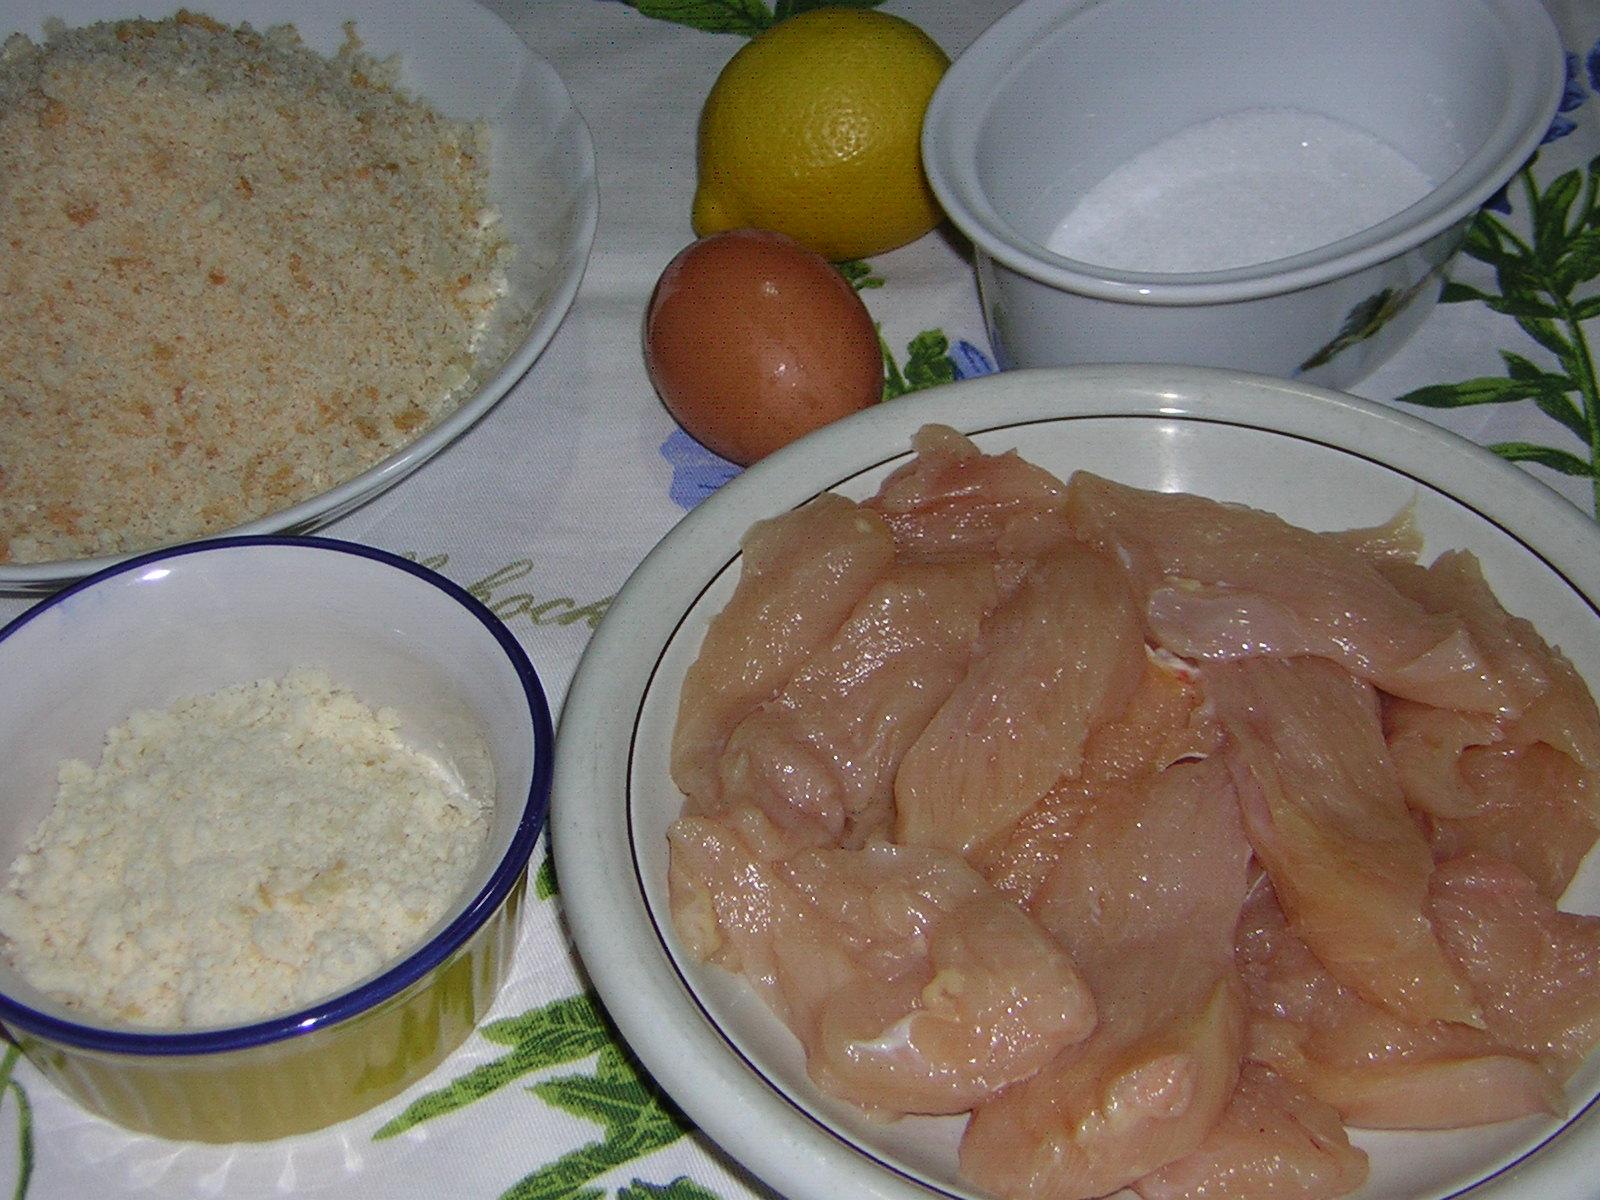 ingredienti per il petto di pollo impanato al forno